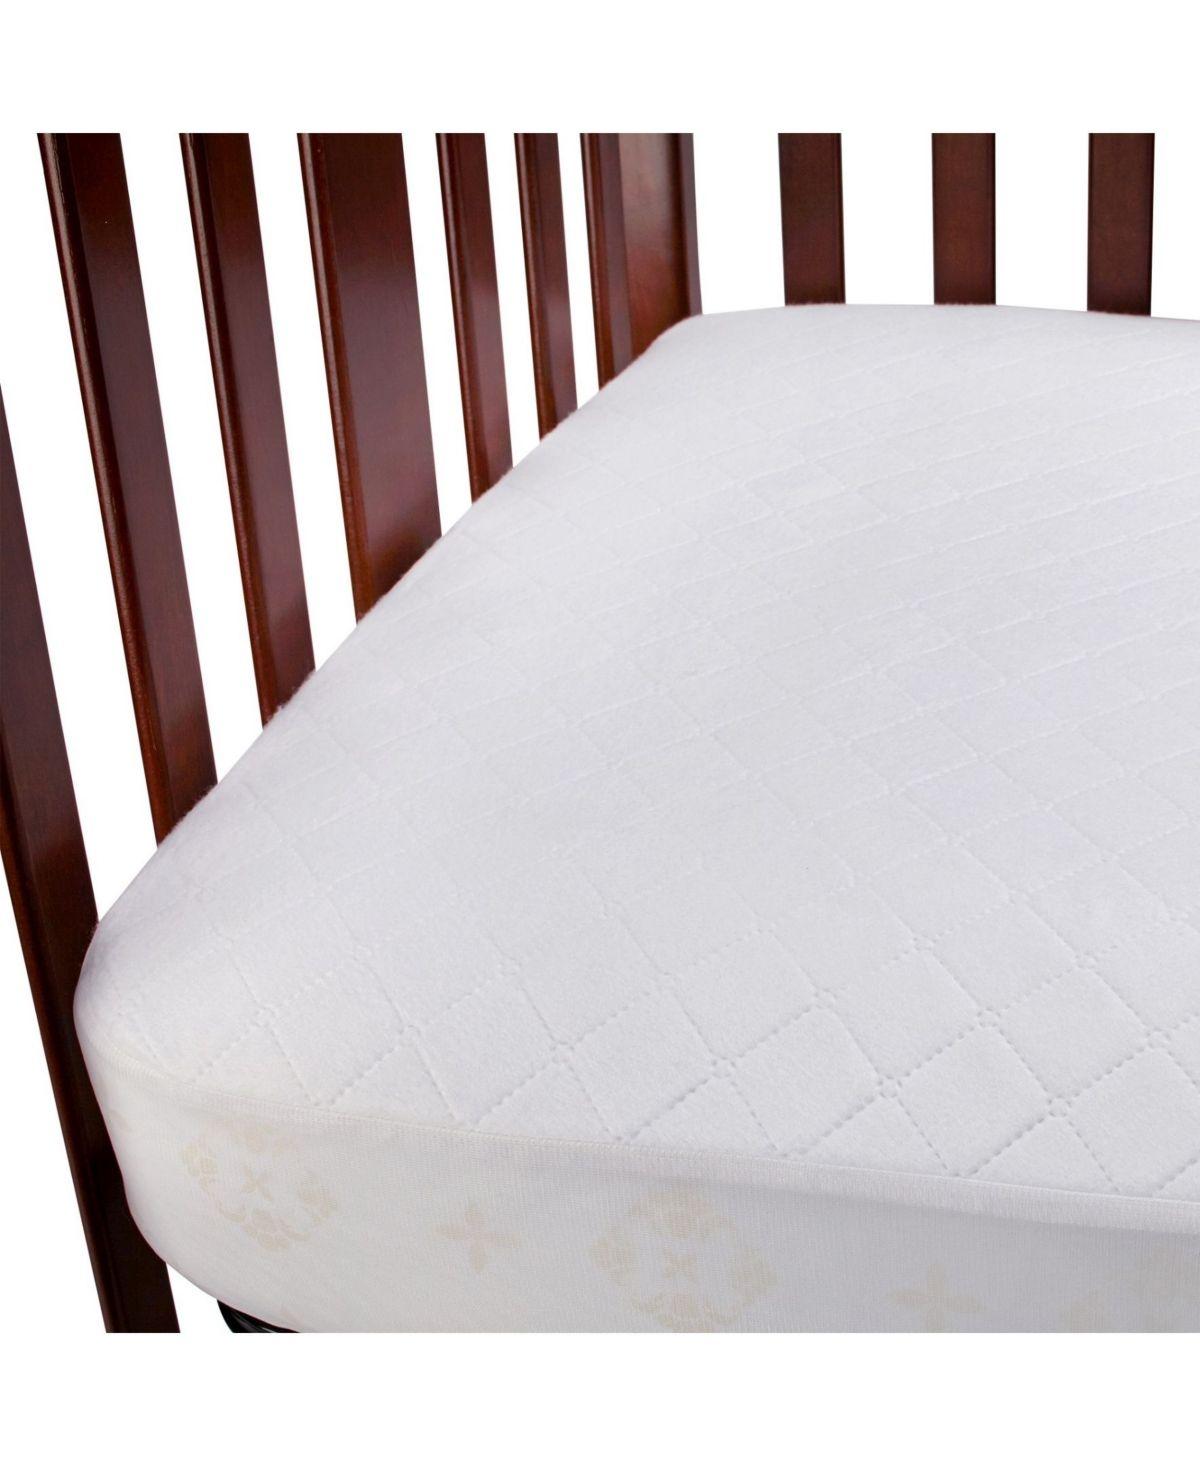 Carter S Fitted Waterproof Crib Mattress Pad Reviews Mattress